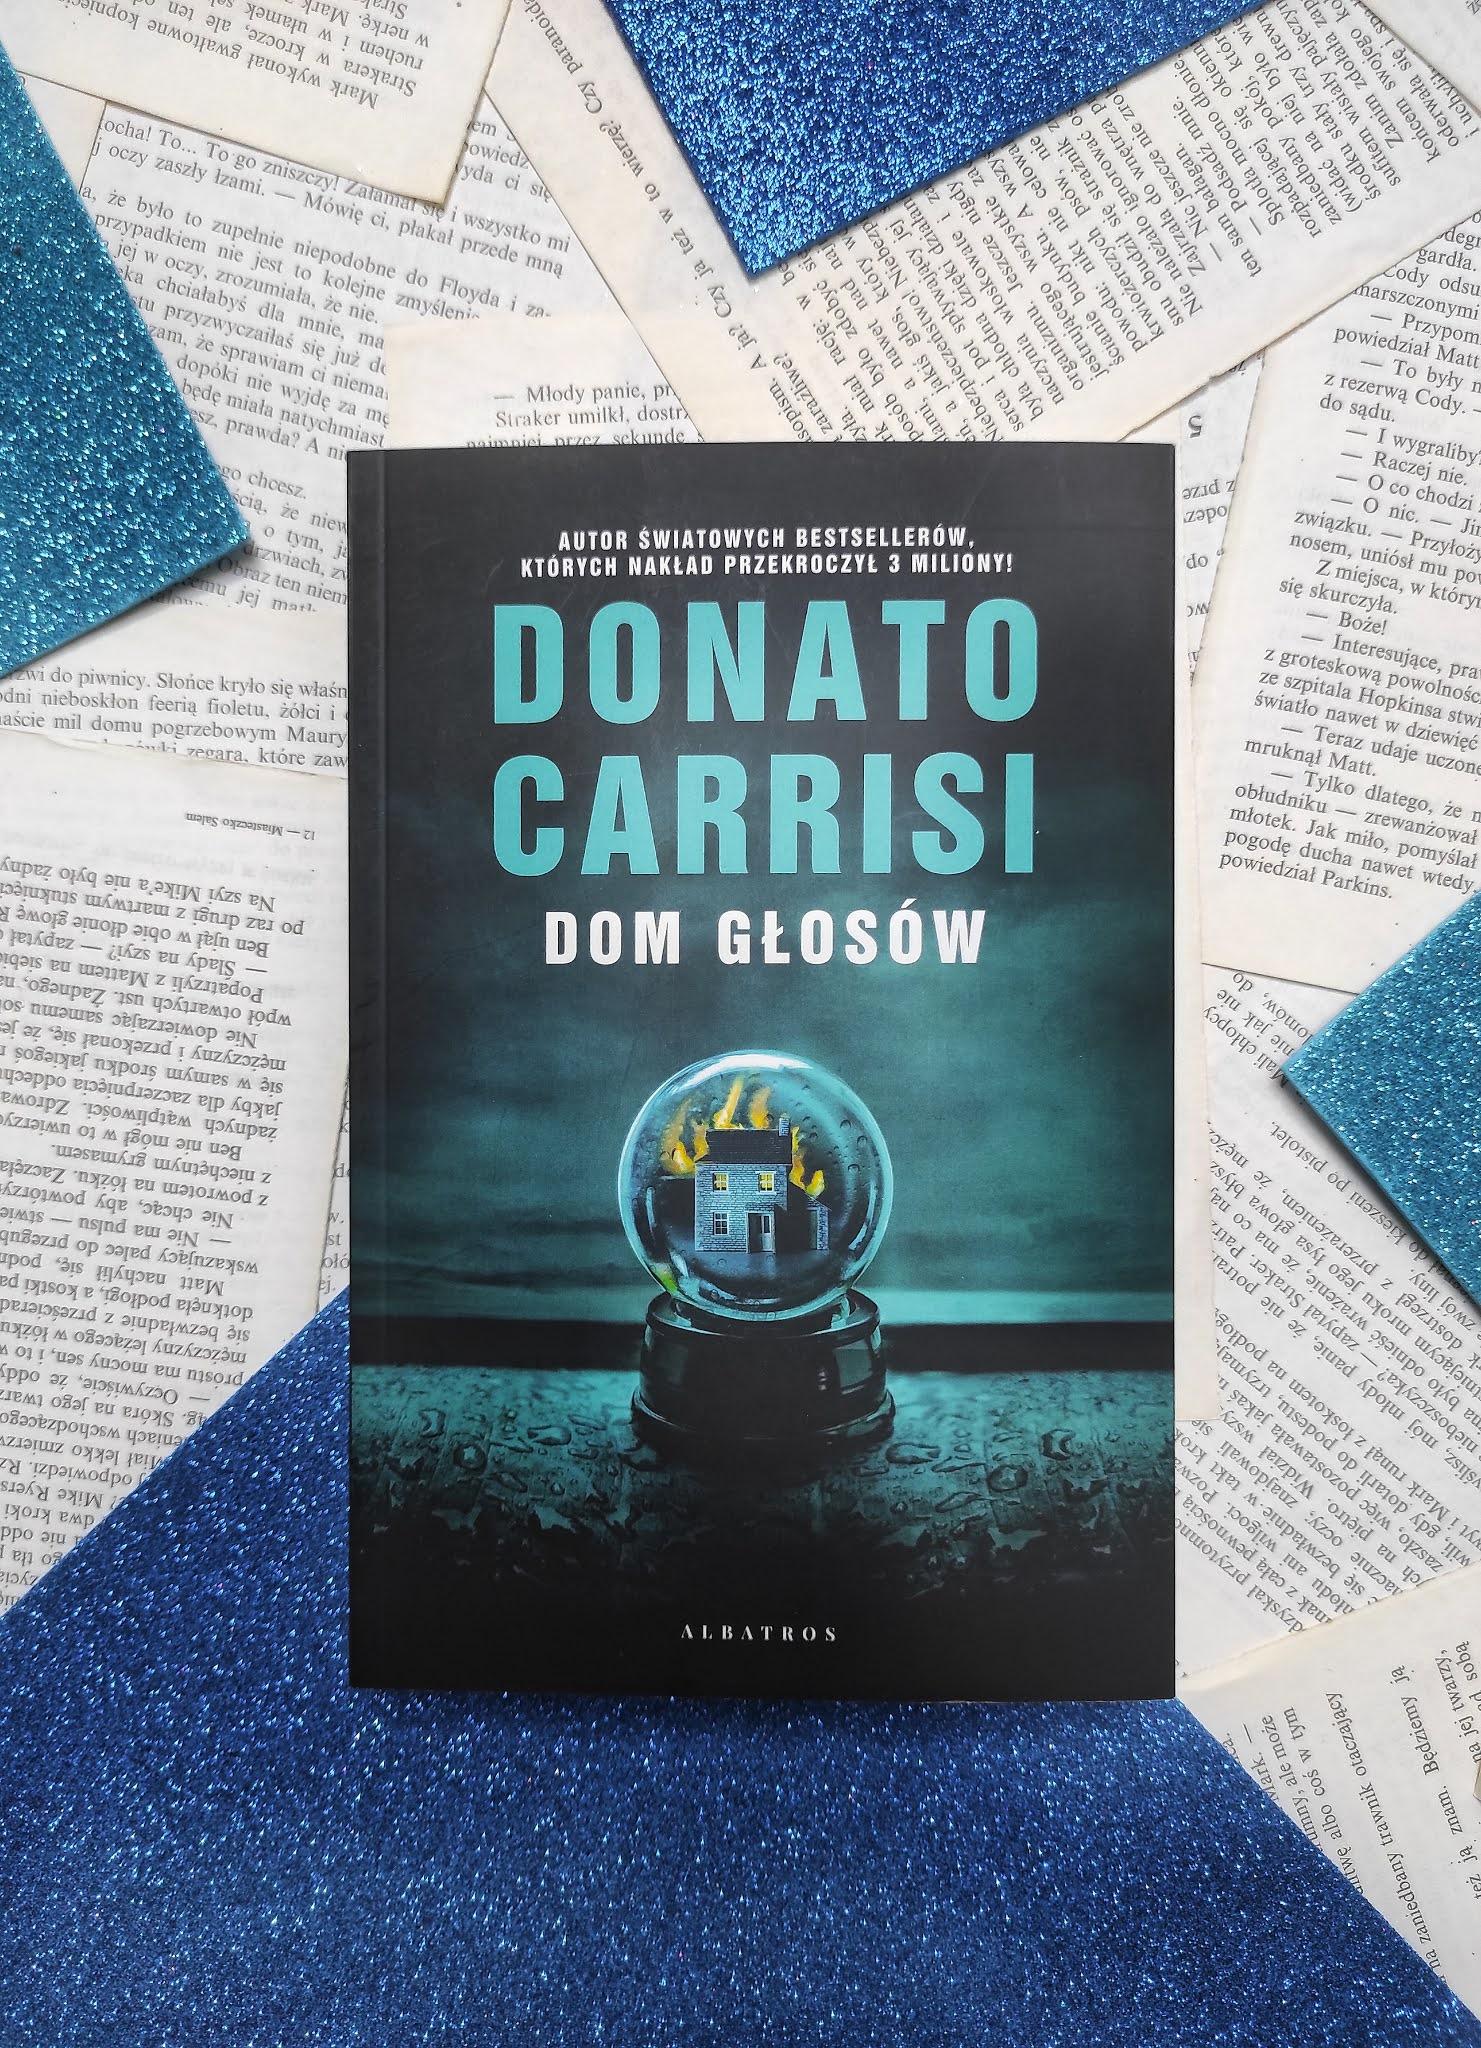 """""""Dom głosów"""" Donato Carrisi - recenzja"""